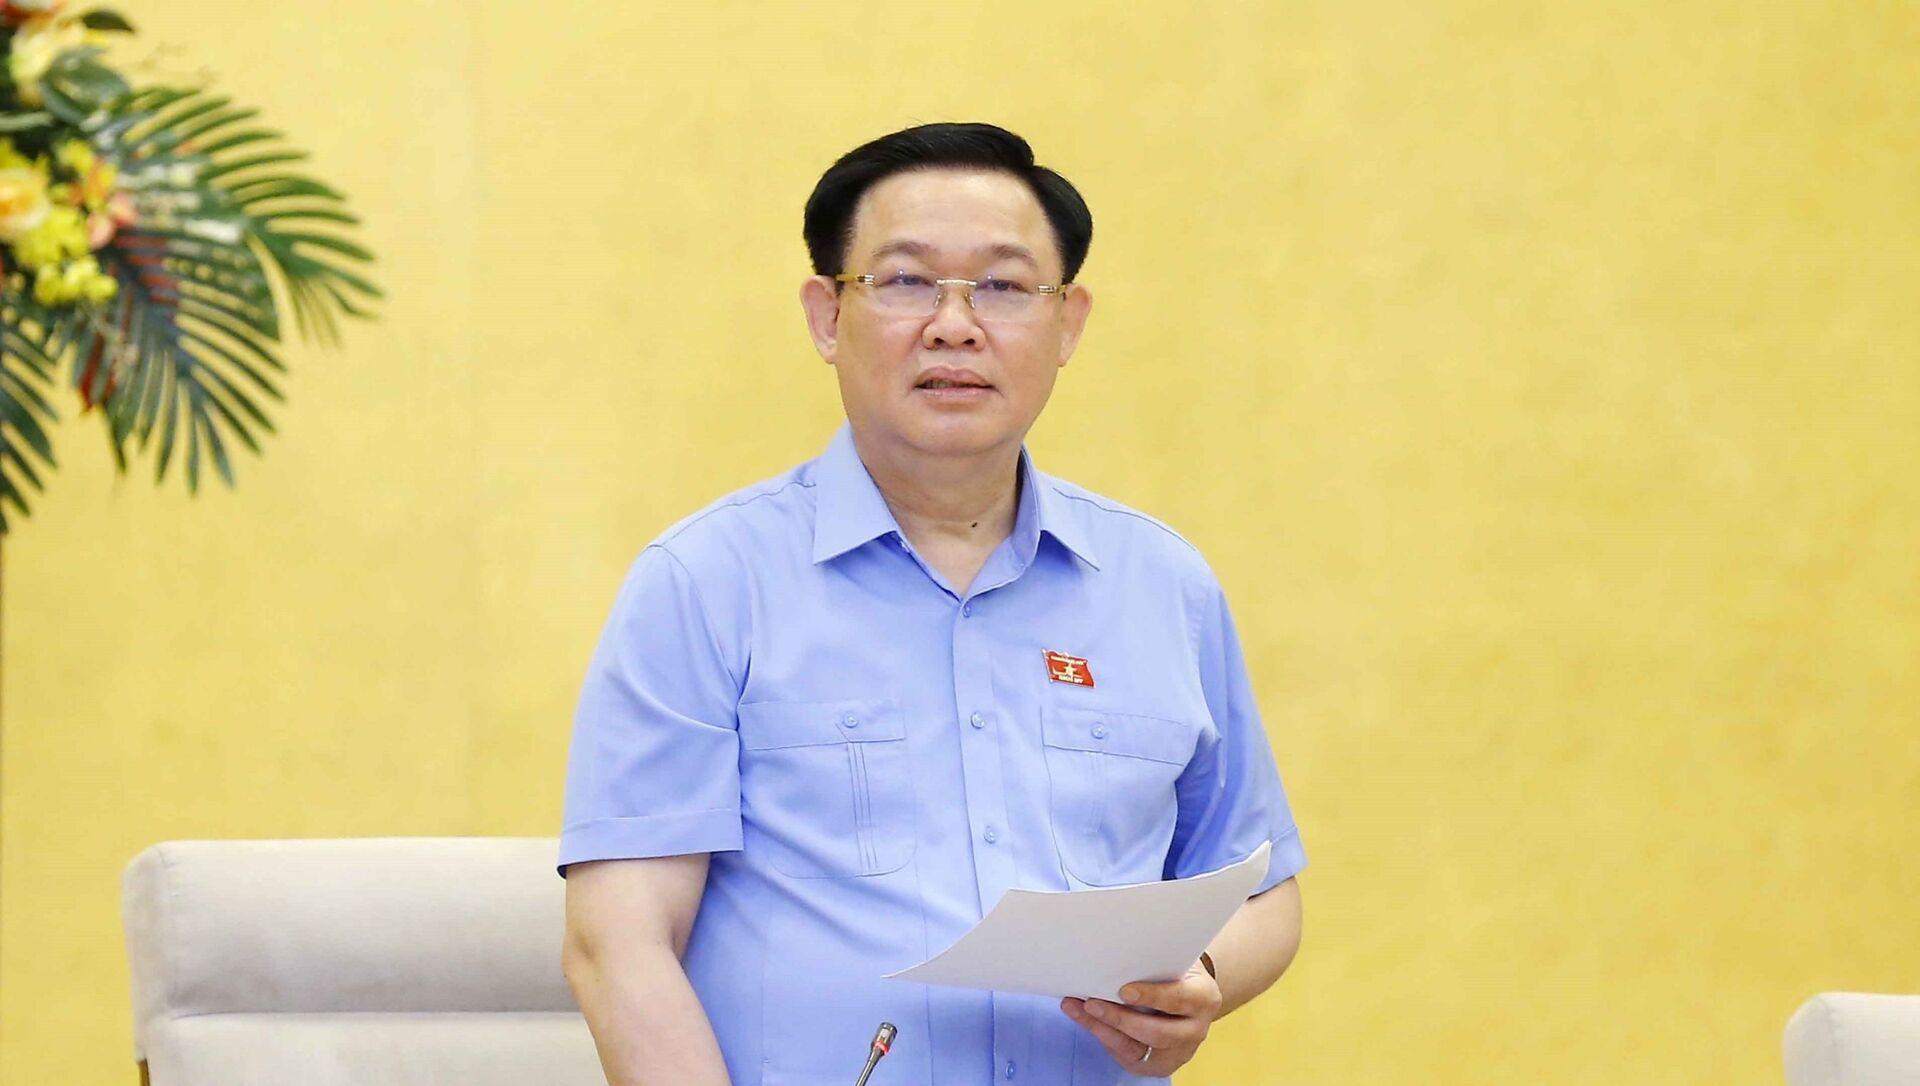 Chủ tịch Quốc hội Vương Đình Huệ phát biểu kết luận Phiên họp.  - Sputnik Việt Nam, 1920, 28.05.2021